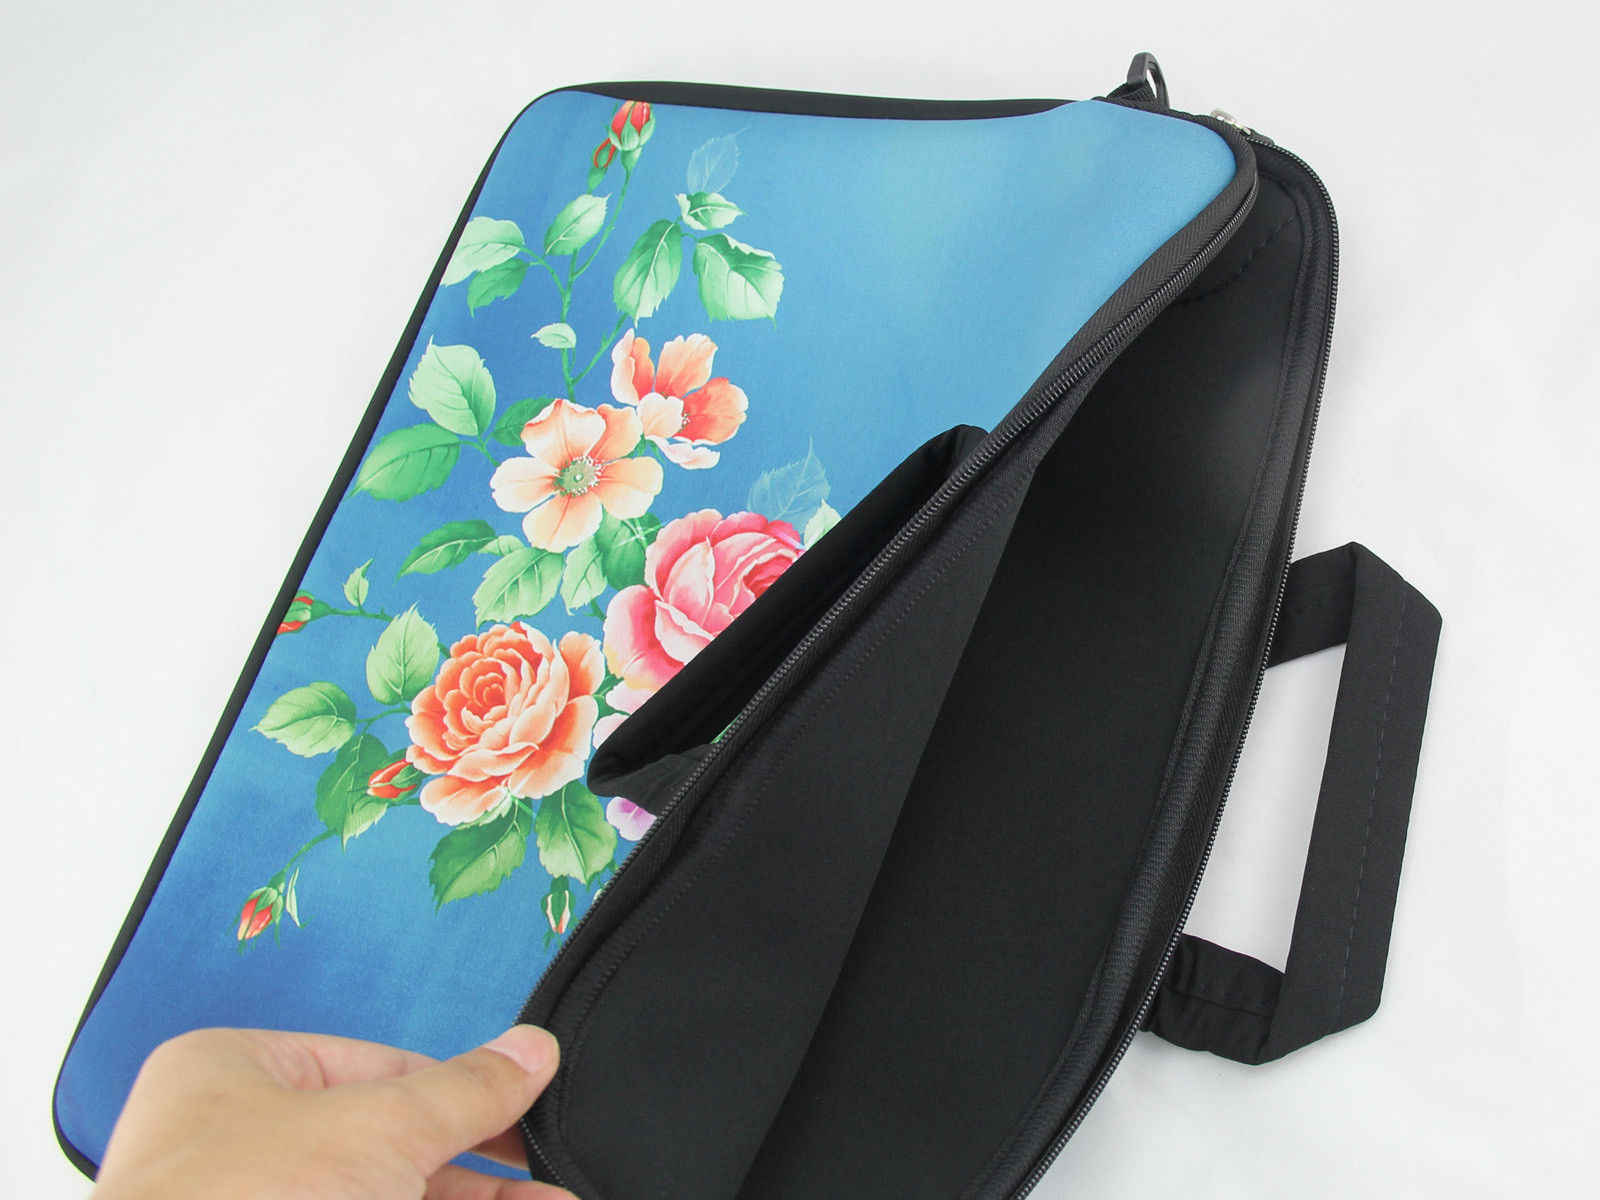 Pug Hond 11.6 13.3 15.4 17 15 Laptop Mouw Schouder Macbook 13 11 Nieuwe 12 Notebook Tas voor Macbook Pro Retina 13 15 Case